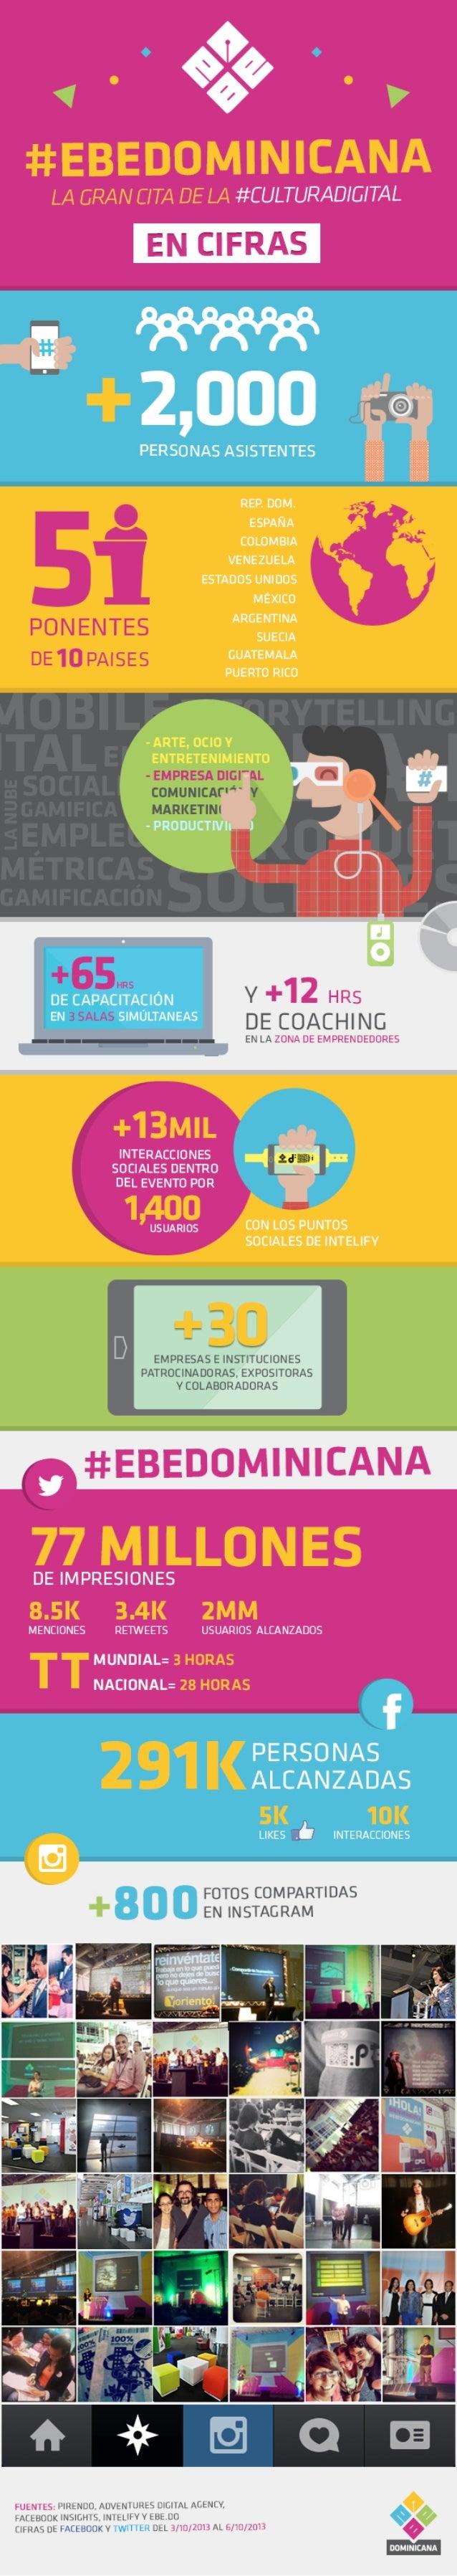 EBEDominicana, la gran cita con la Cultura Digital: En Cifras